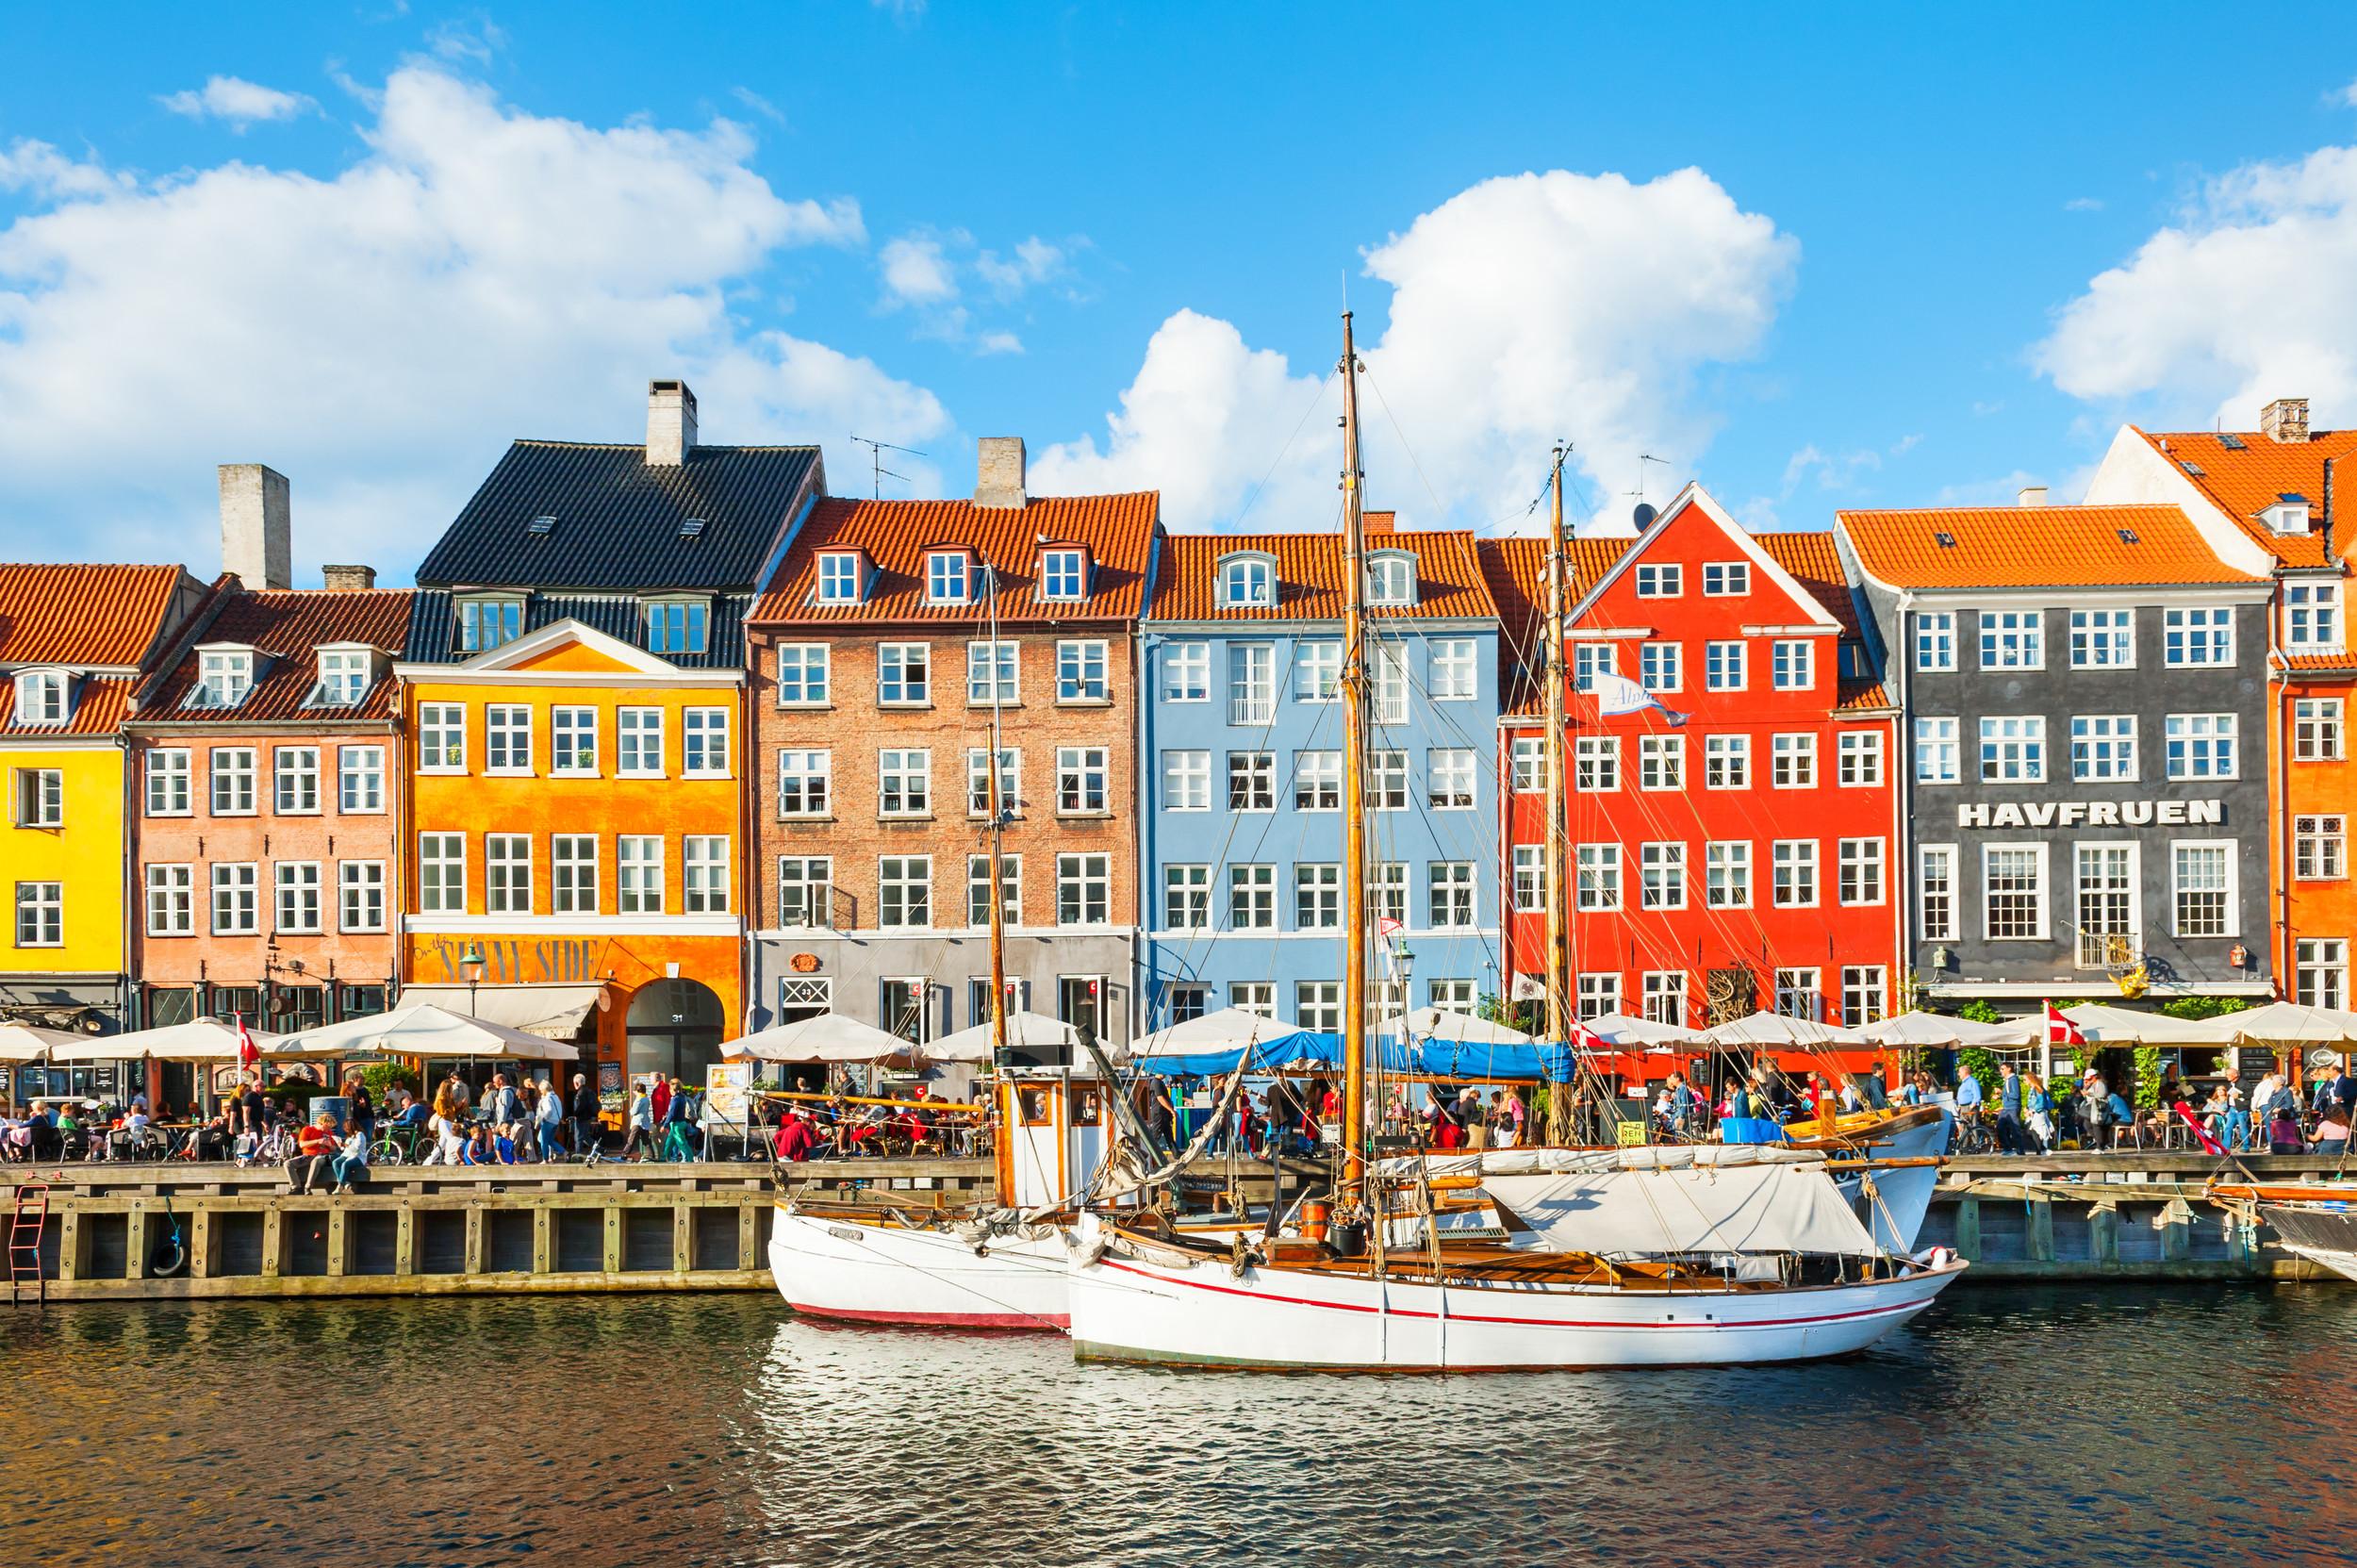 5-legjobb-ingyenes-program-koppenhagaban.jpg